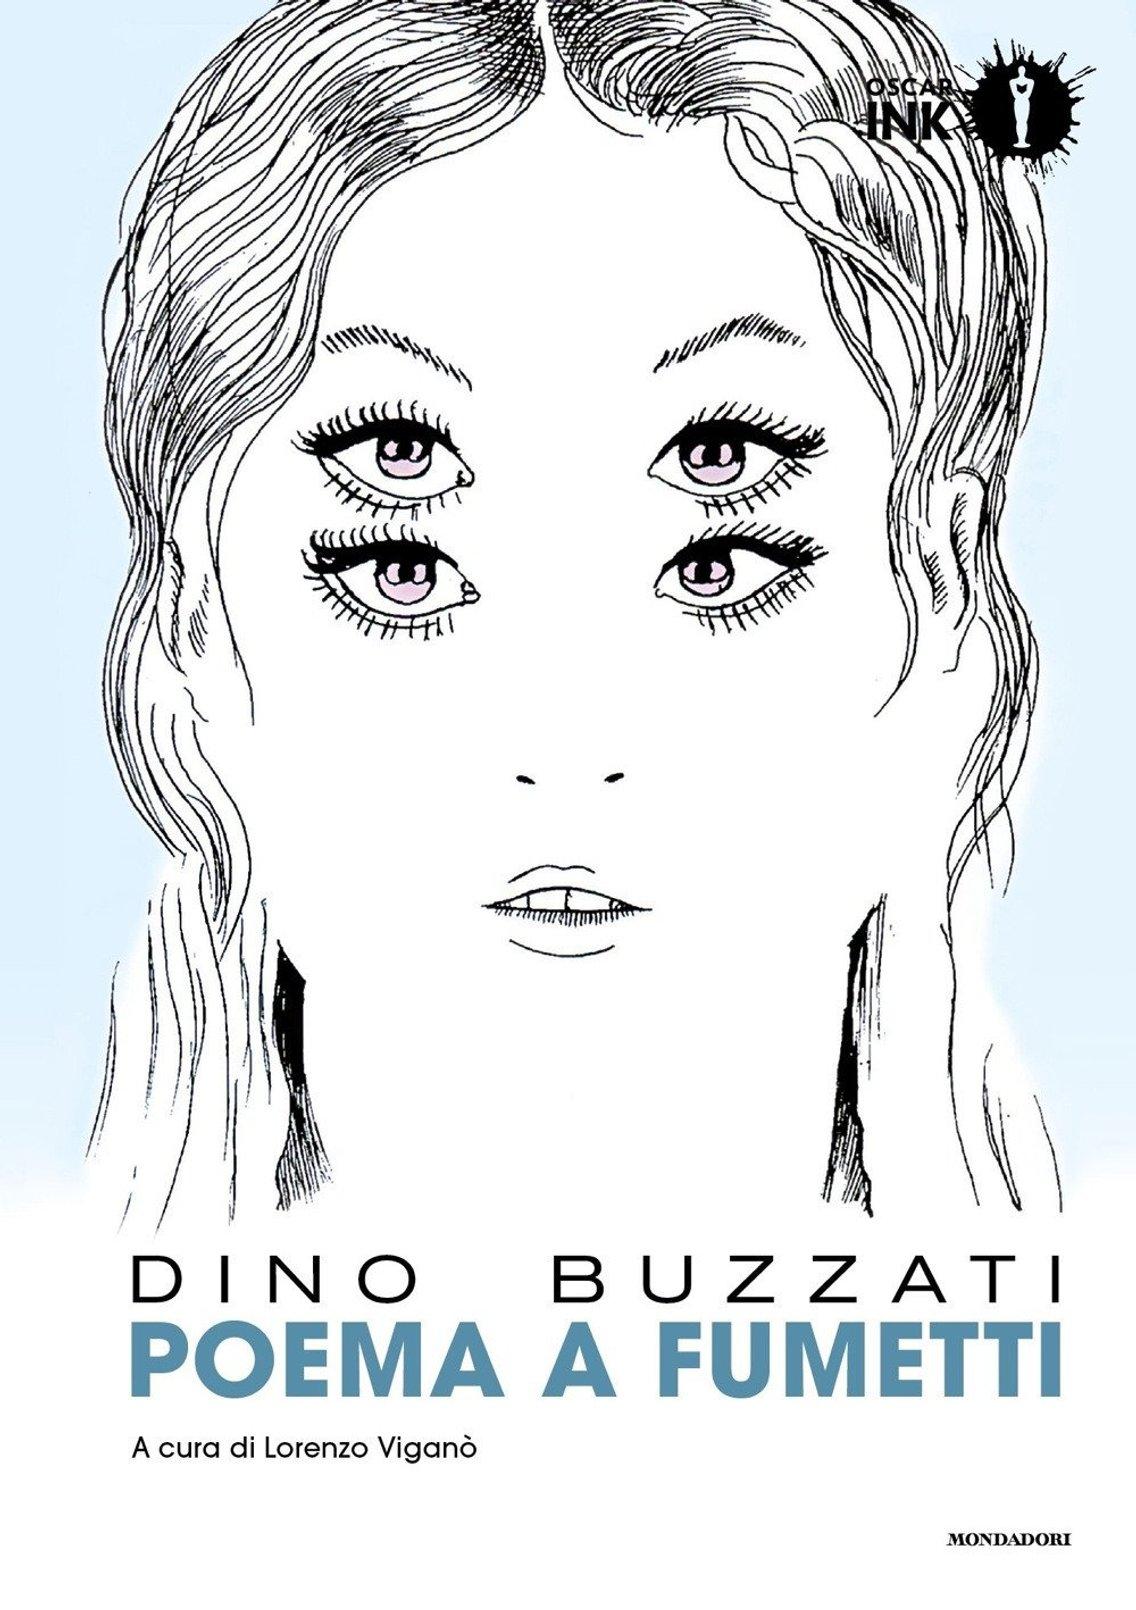 Il Babau - Dino Buzzati racconta l'attualità - Cover Image